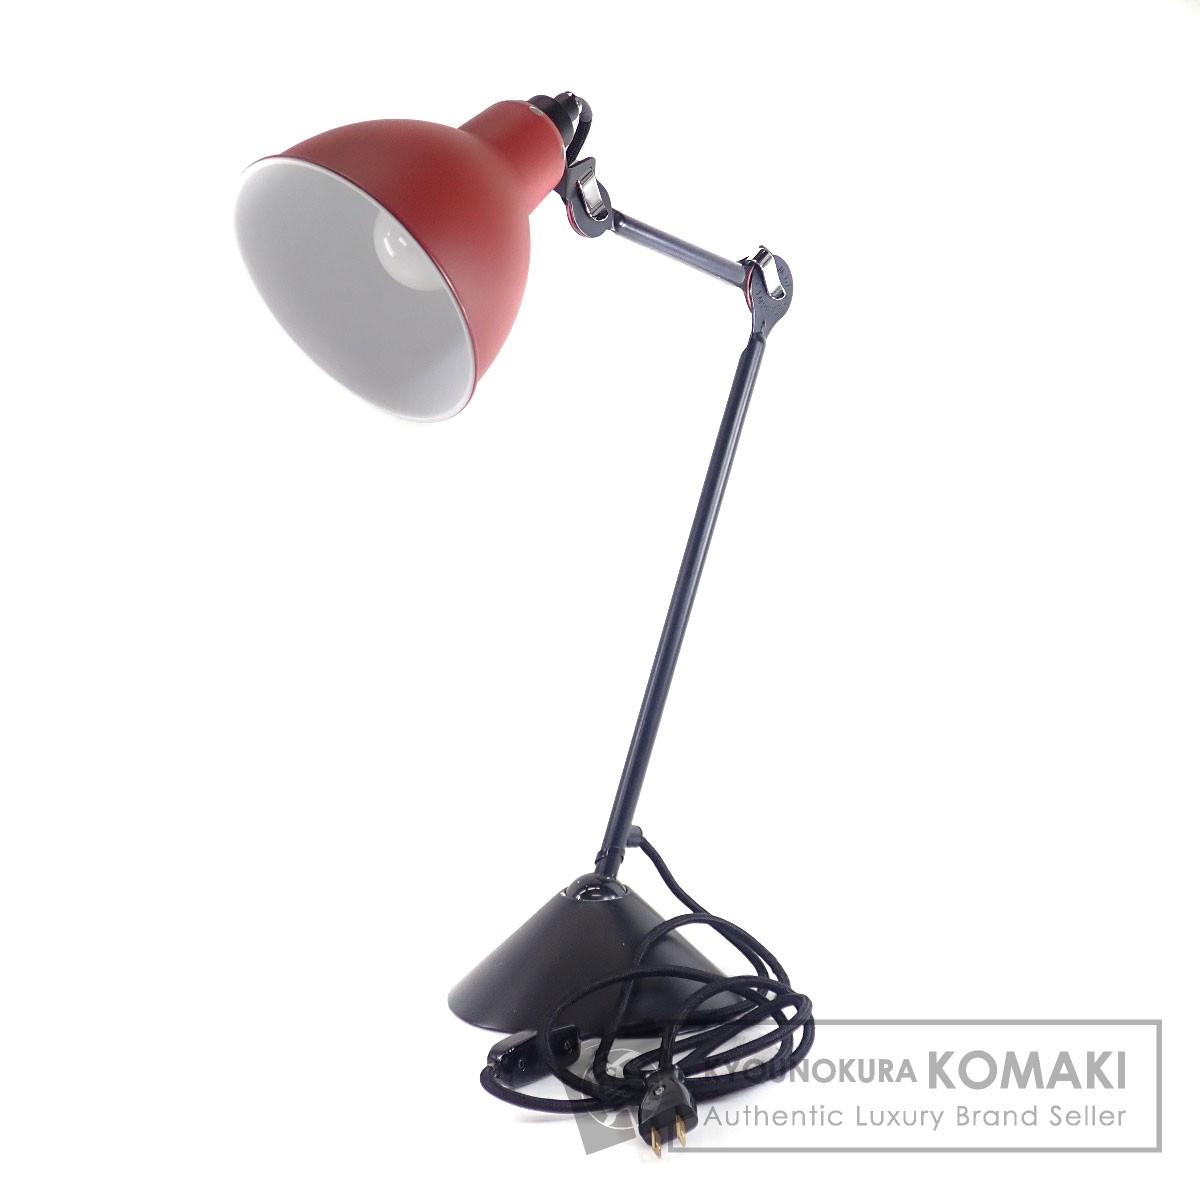 DCW editions Gras Lamp テーブルランプ /照明 オブジェ ユニセックス 【中古】【ディーシーダブリューエディションズ】